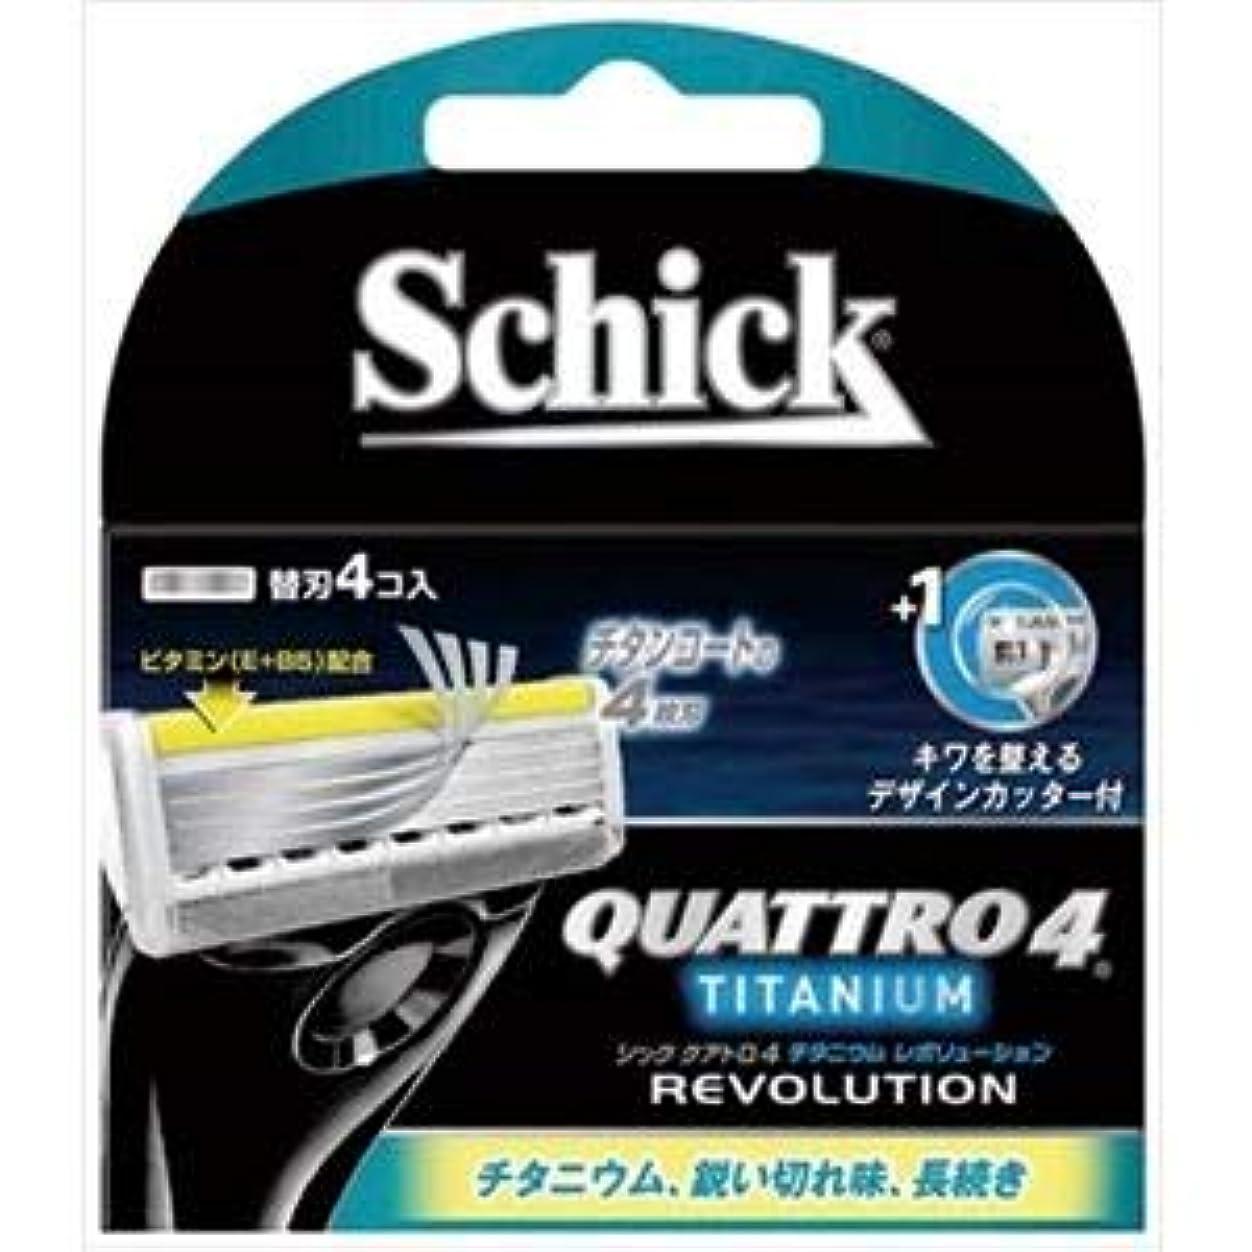 忘れる素敵な僕の(まとめ)シック(Schick) クアトロ4チタニウムレボリューション替刃(4コ入) 【×3点セット】